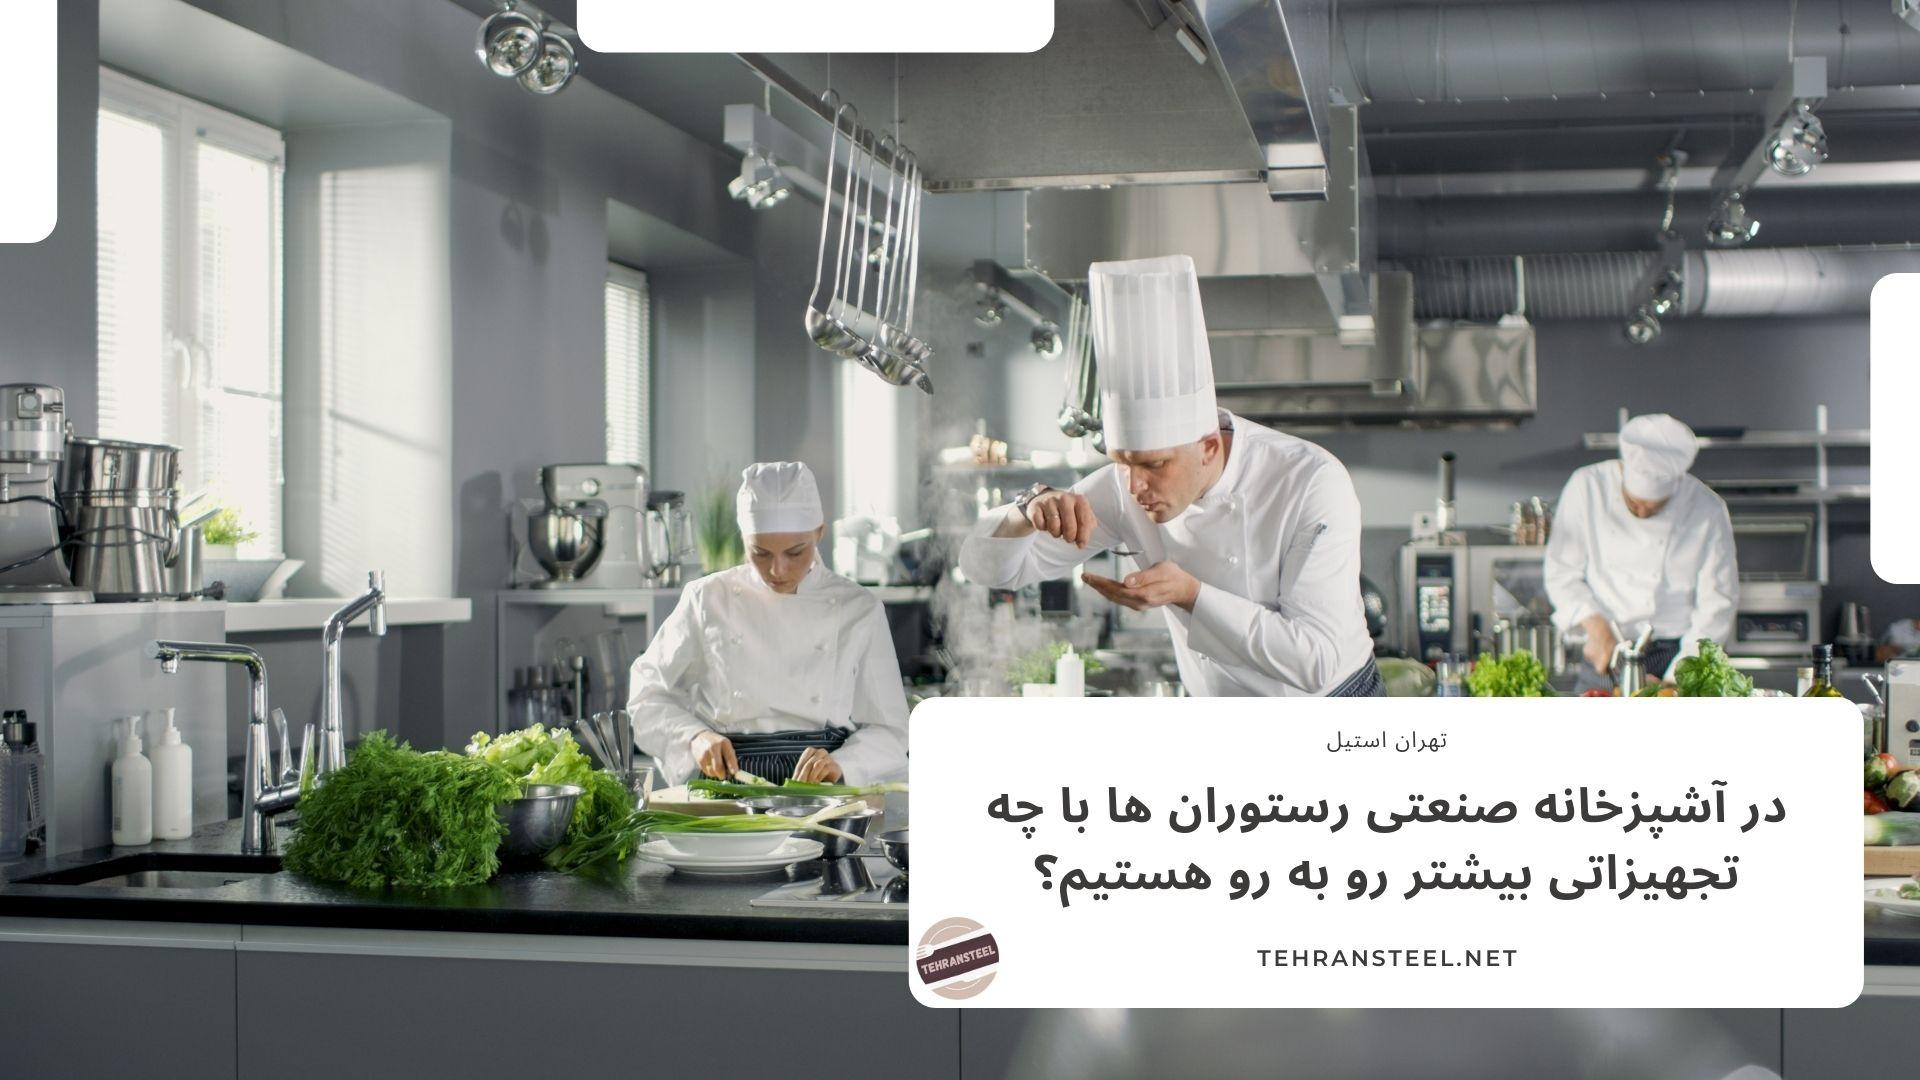 در آشپزخانه صنعتی رستوران ها با چه تجهیزاتی بیشتر رو به رو هستیم؟